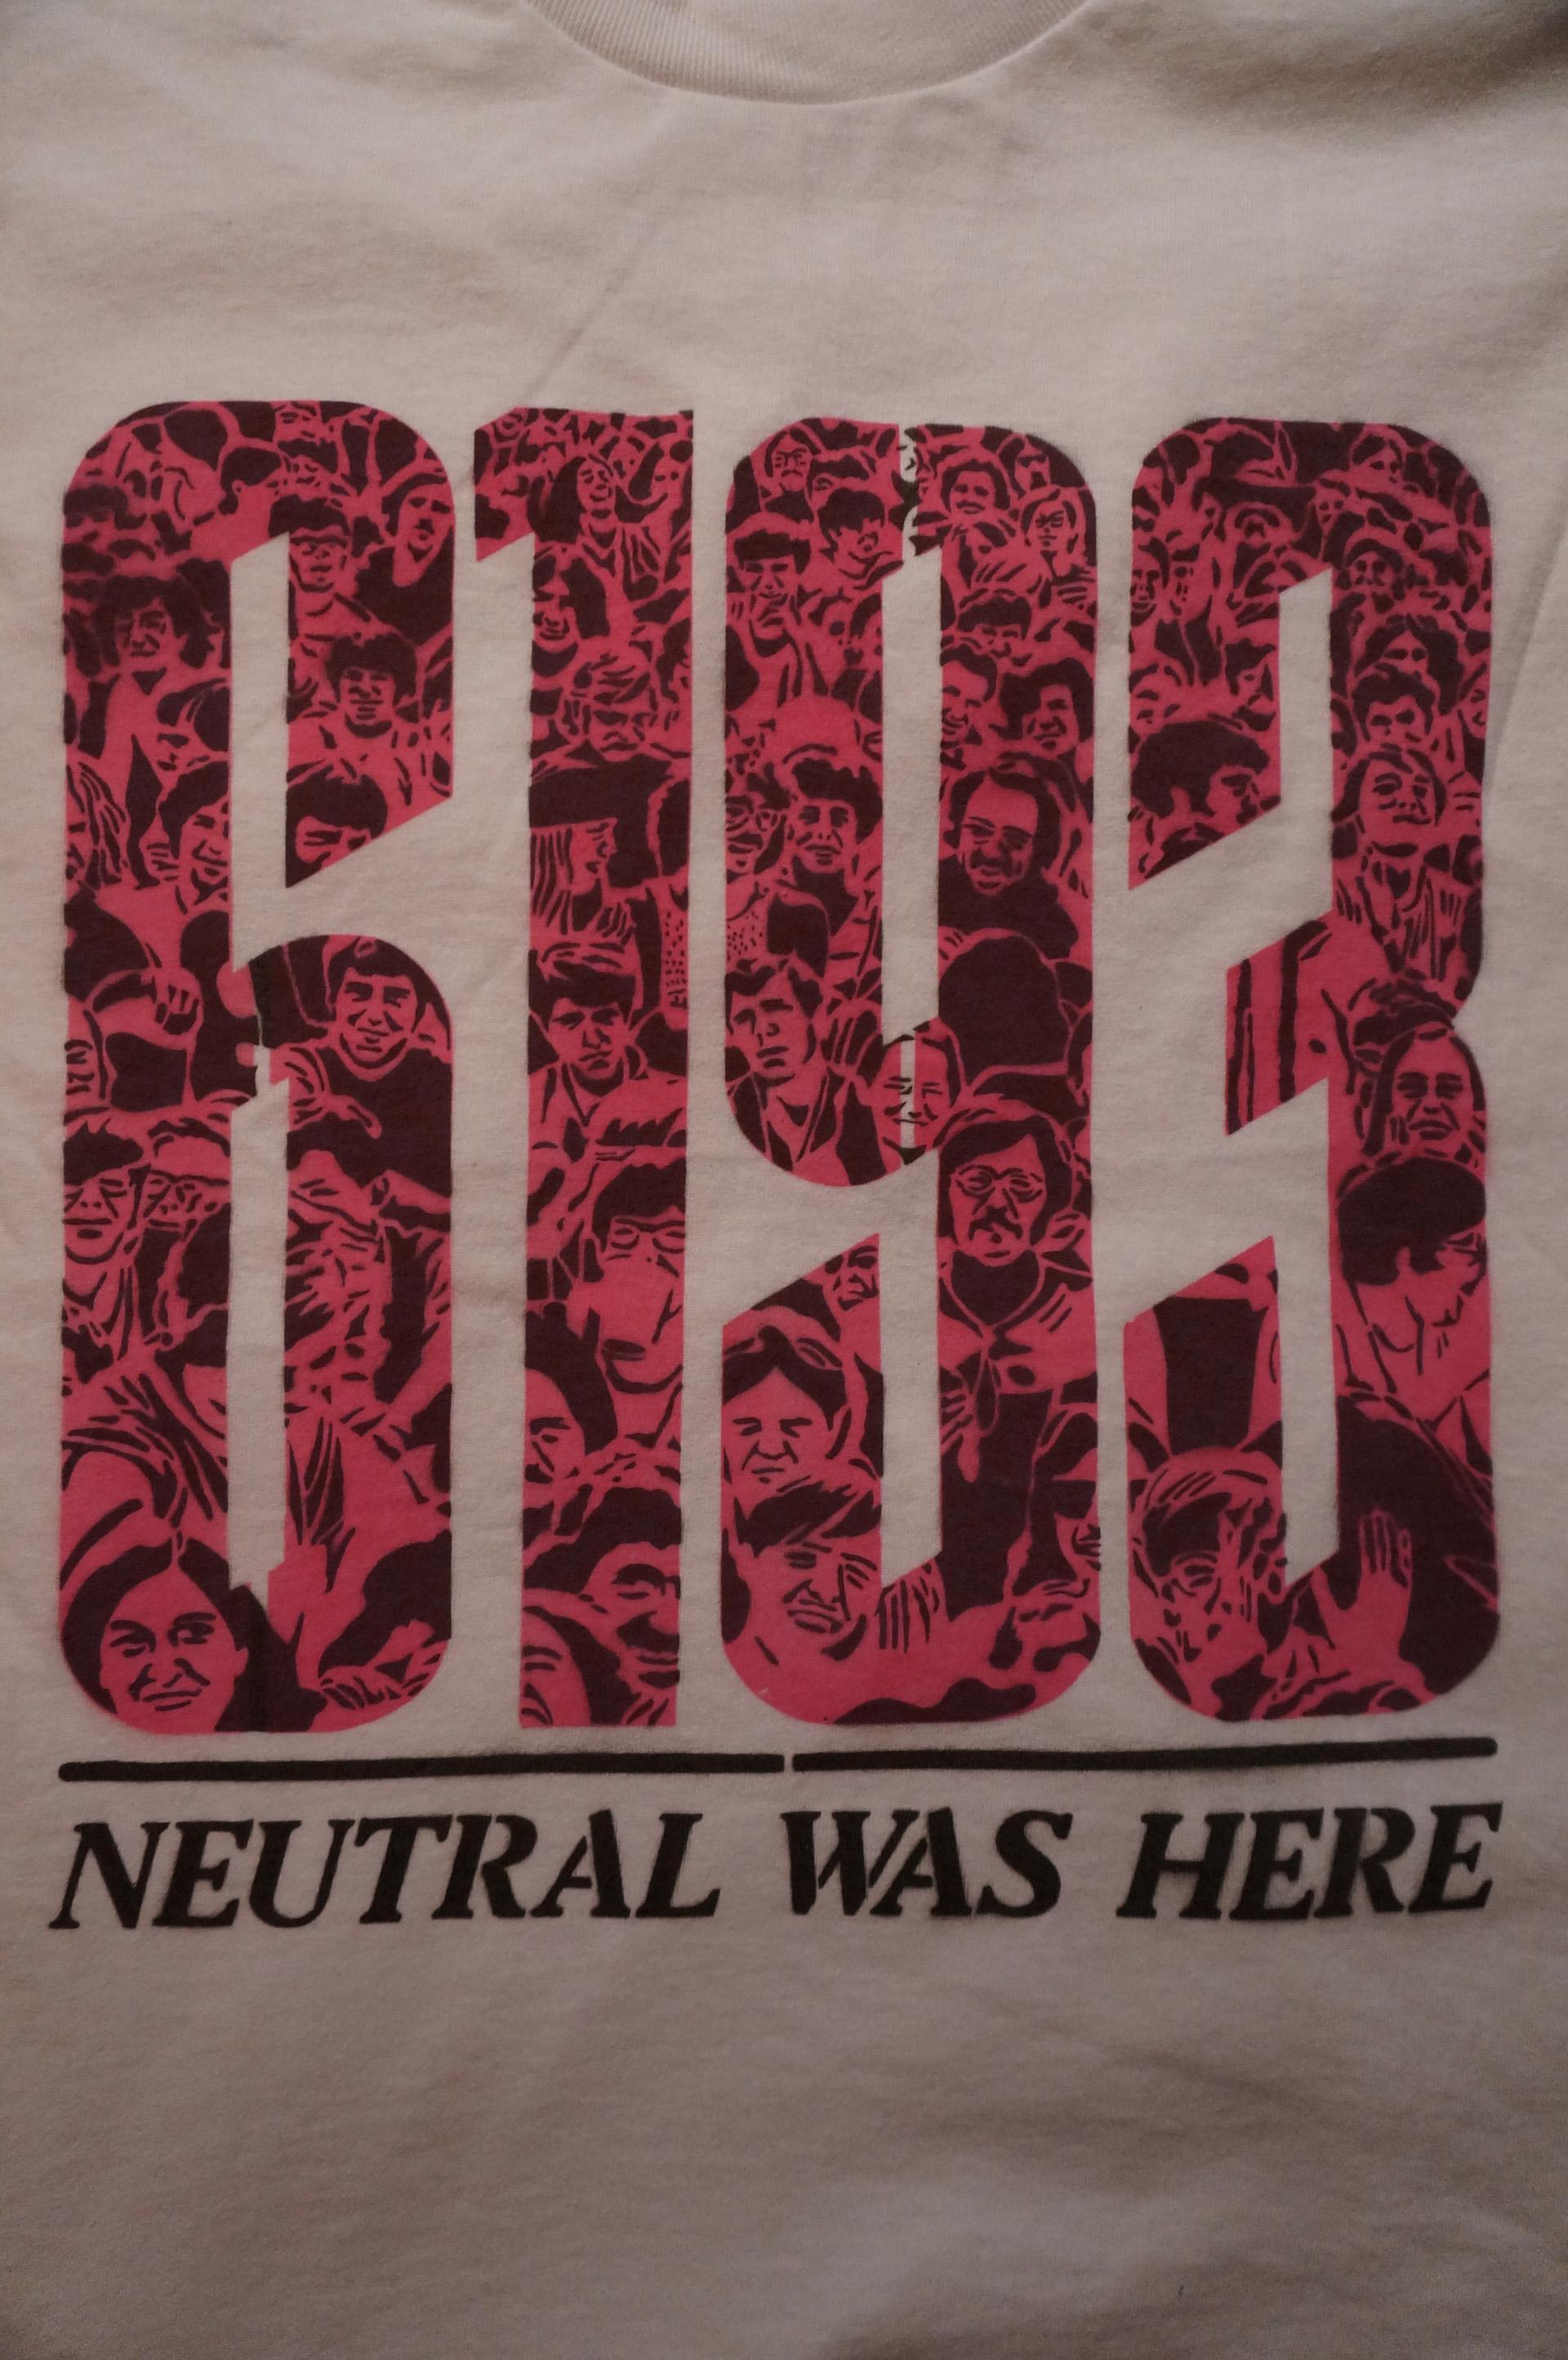 ニュートラル neutral ルードギャラリー rudegallery the6193 ステンシル